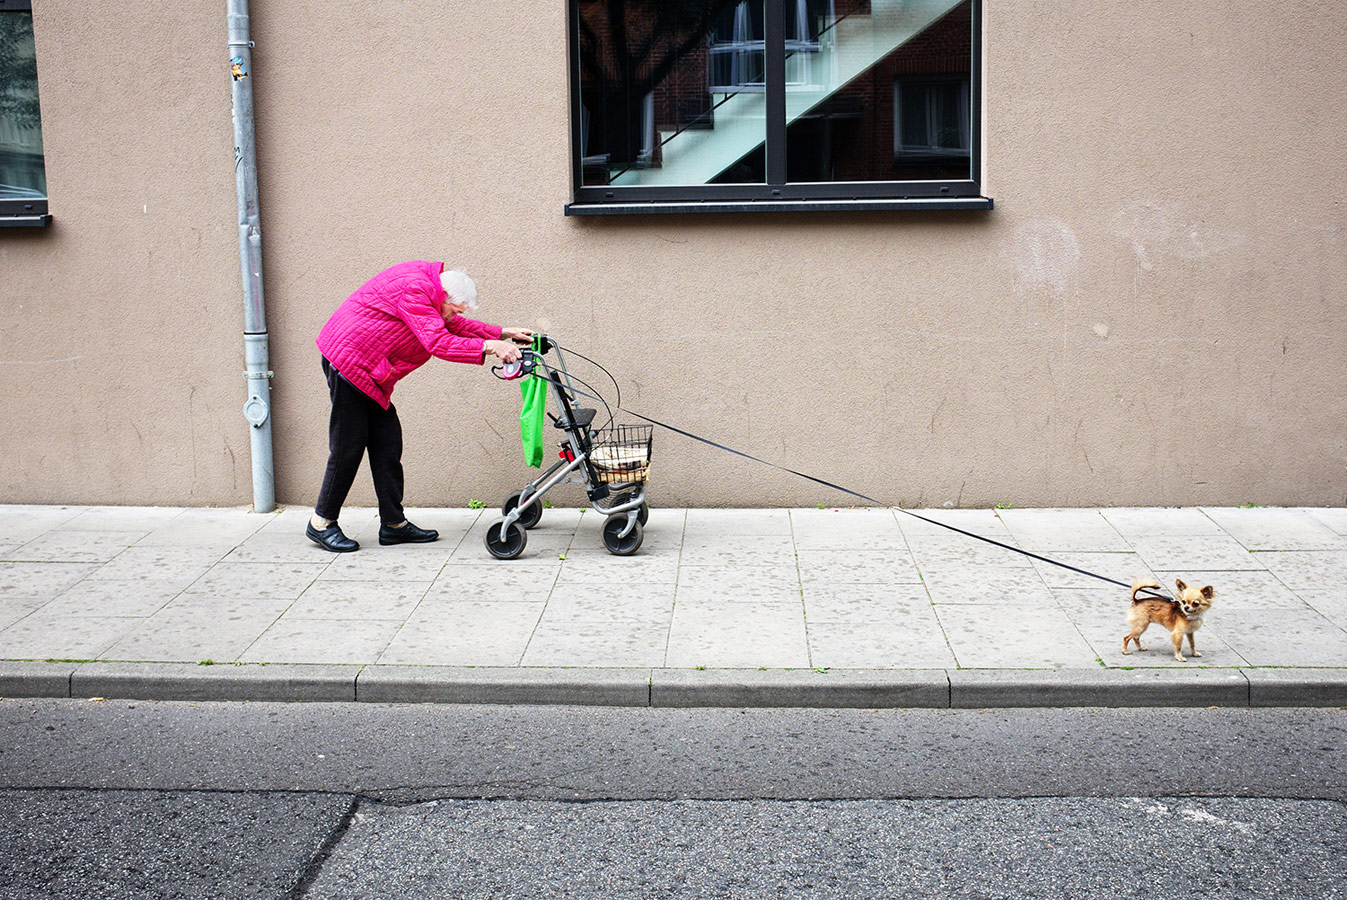 © Мануэль Арменис, Германия, Победитель категории «Уличная фотография», открытый конкурс, Sony World Photography Awards